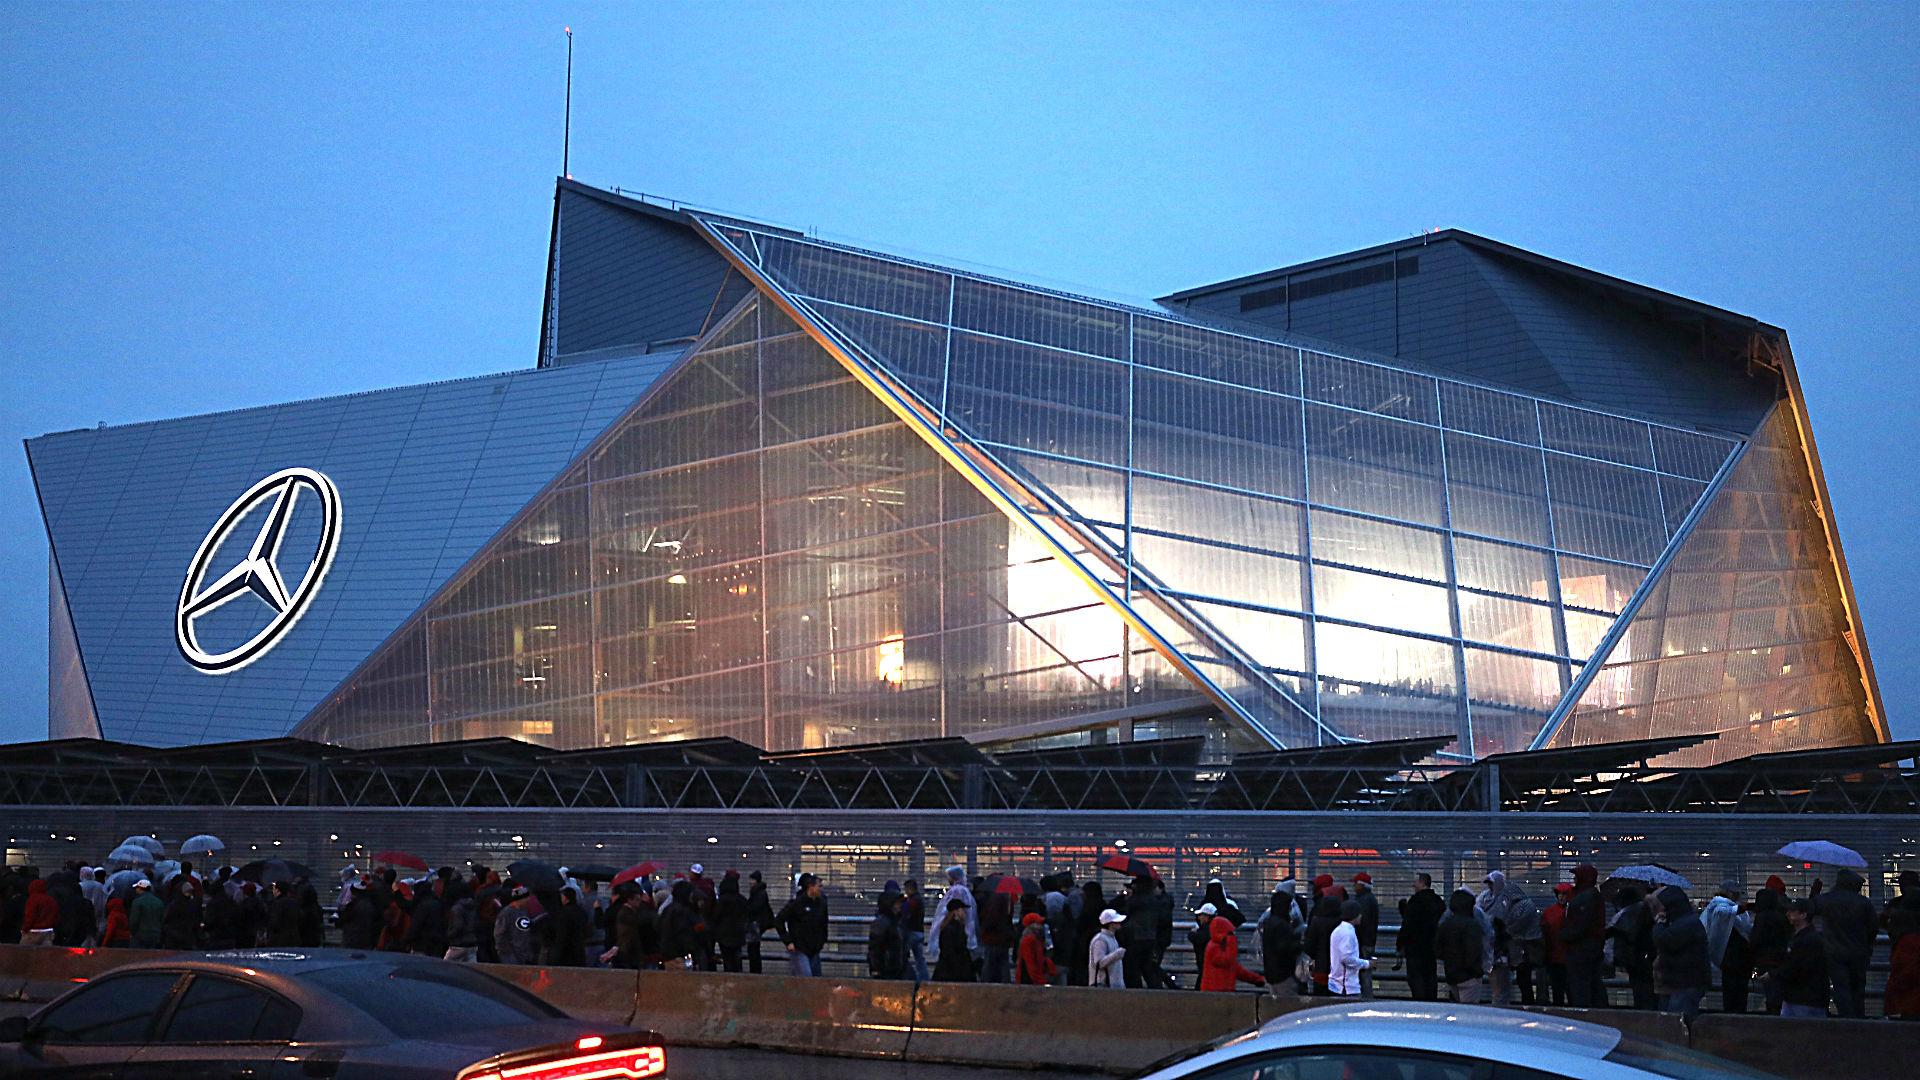 Atlanta Falcons Drop Concession Prices, Sales Increase